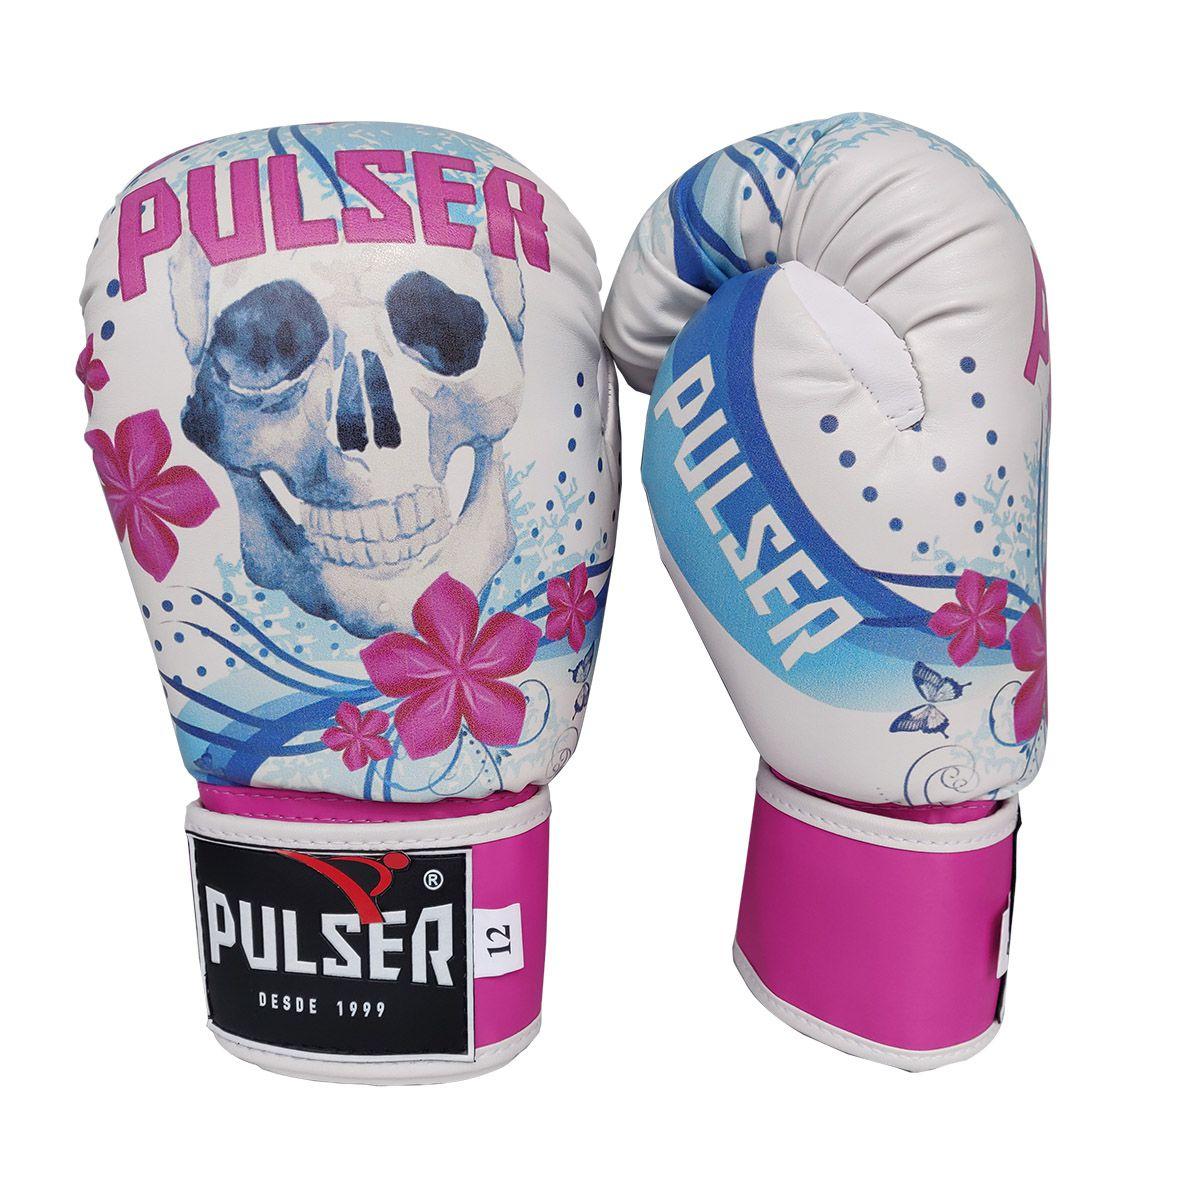 Kit de Boxe / Muay Thai Feminino 12oz - Caveira Azul e Rosa  - Pulser  - PRALUTA SHOP